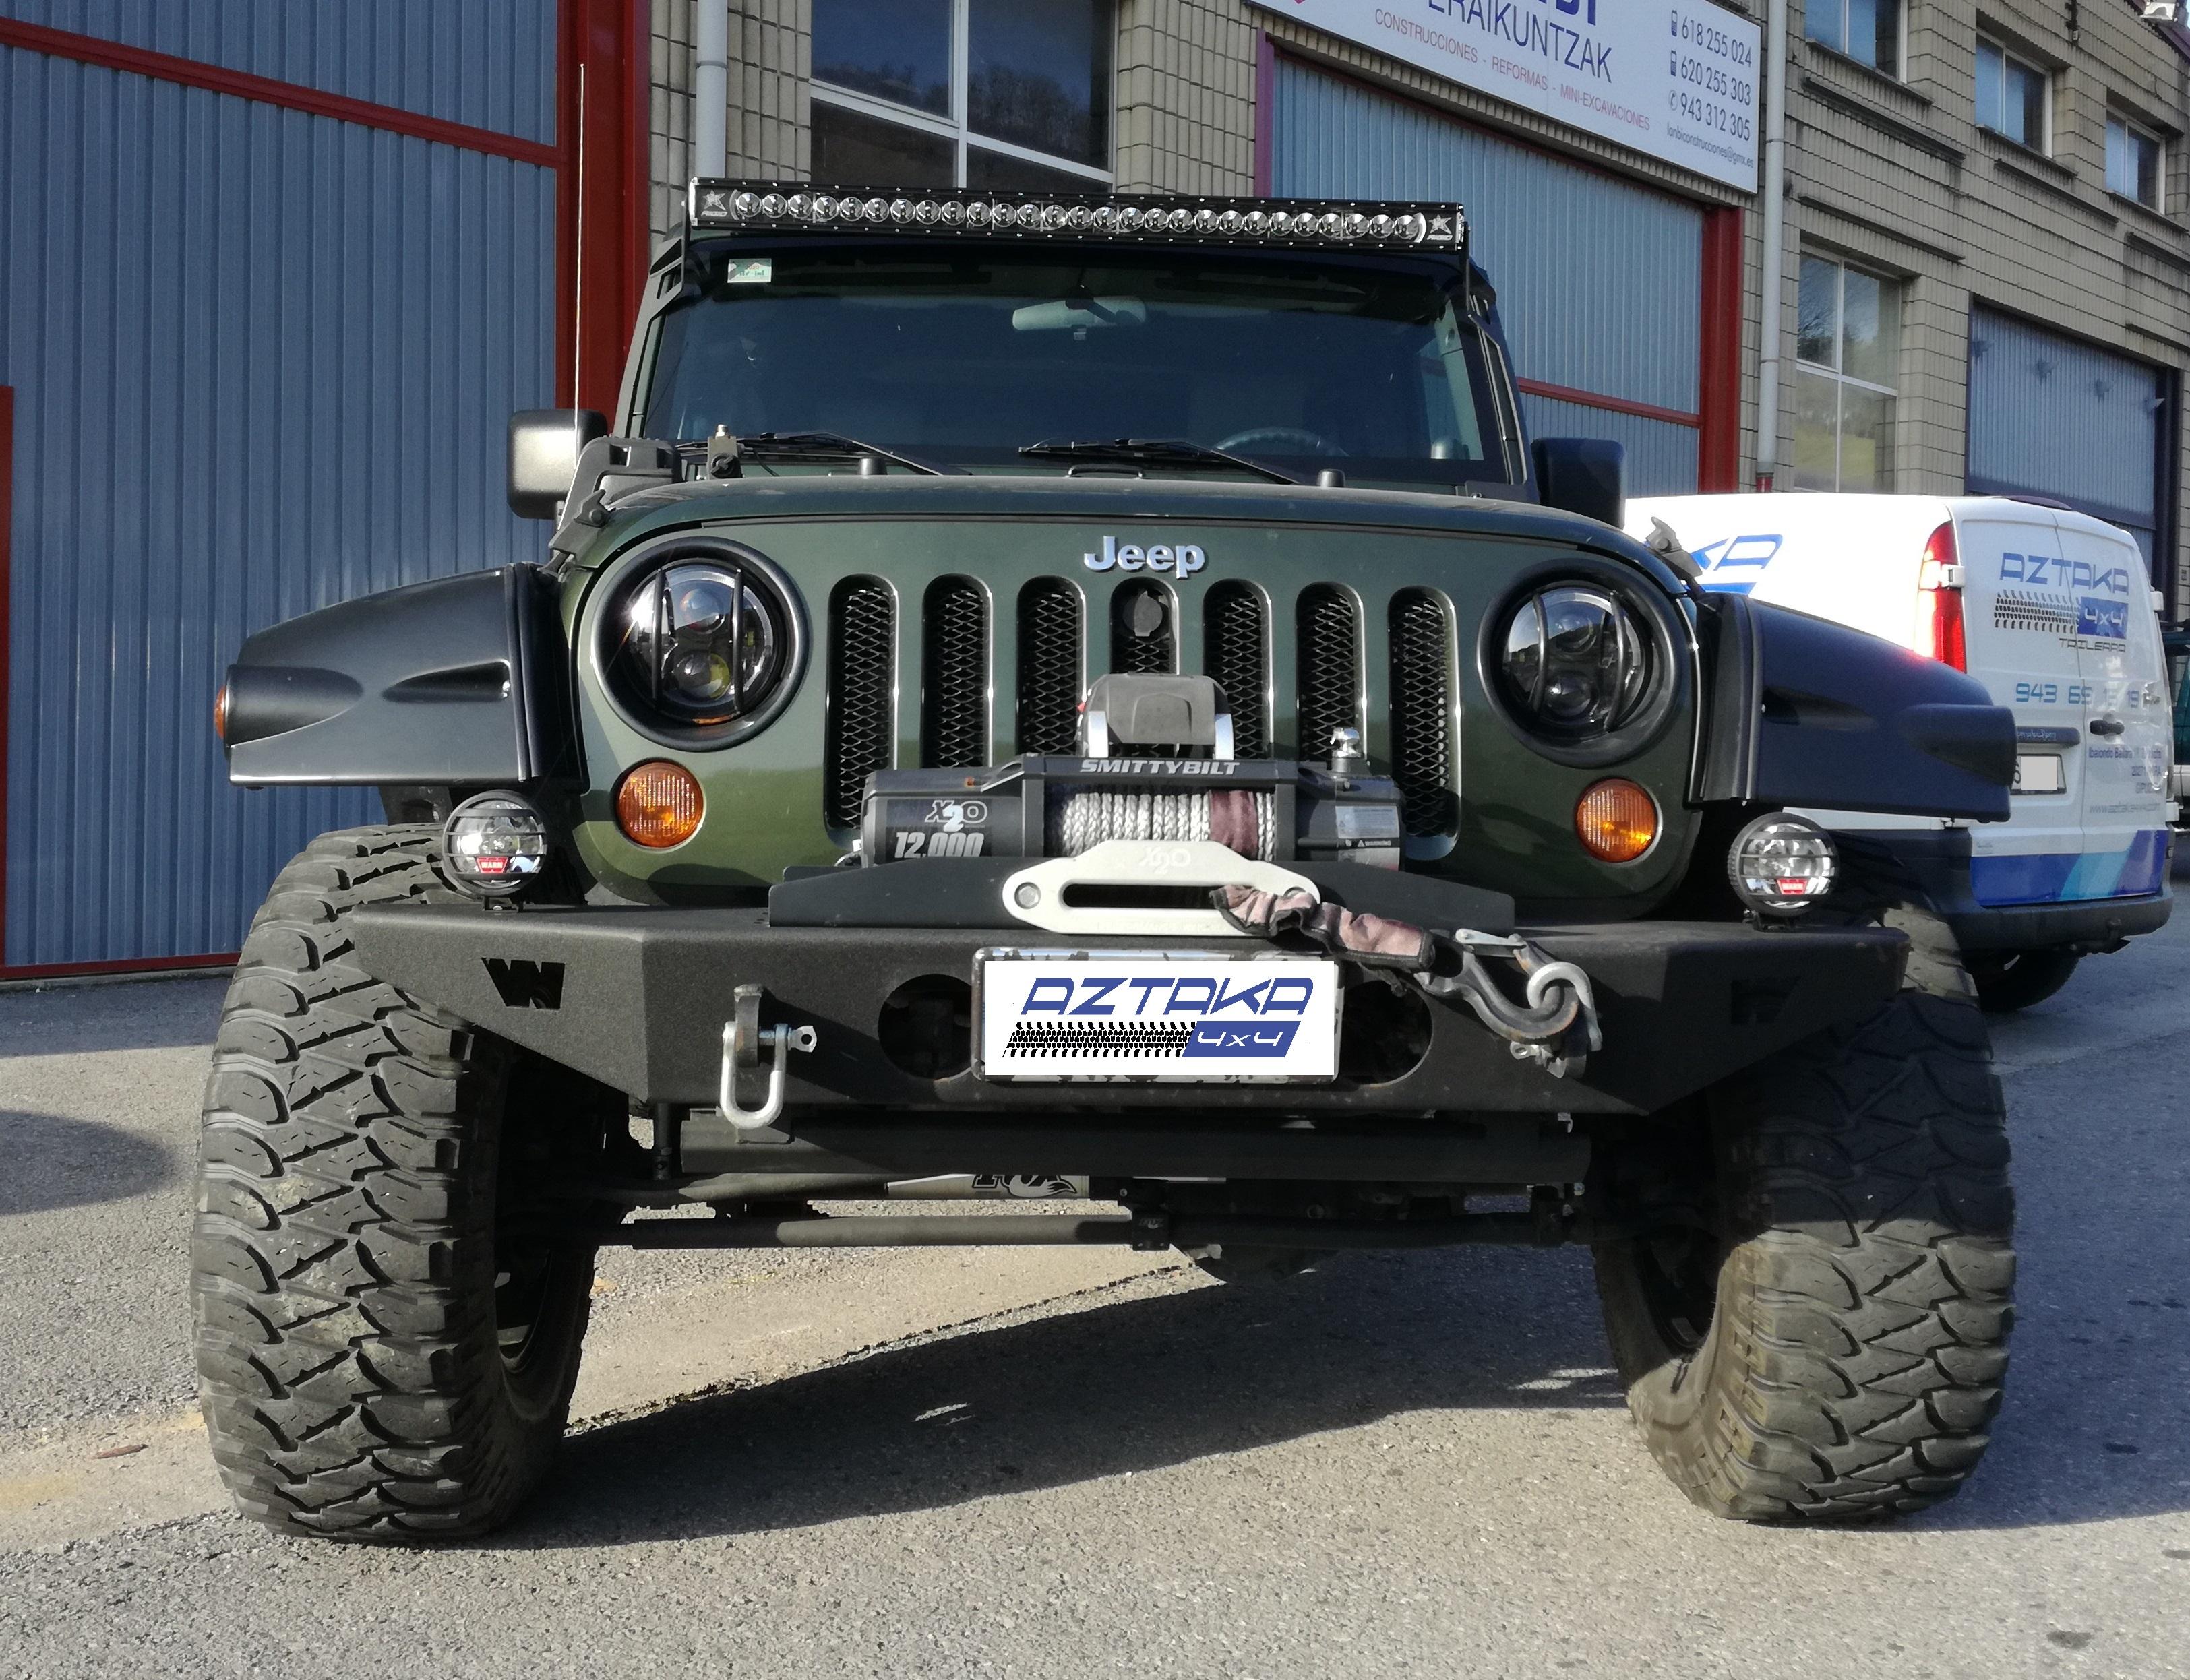 Jeep - que no falte la luz